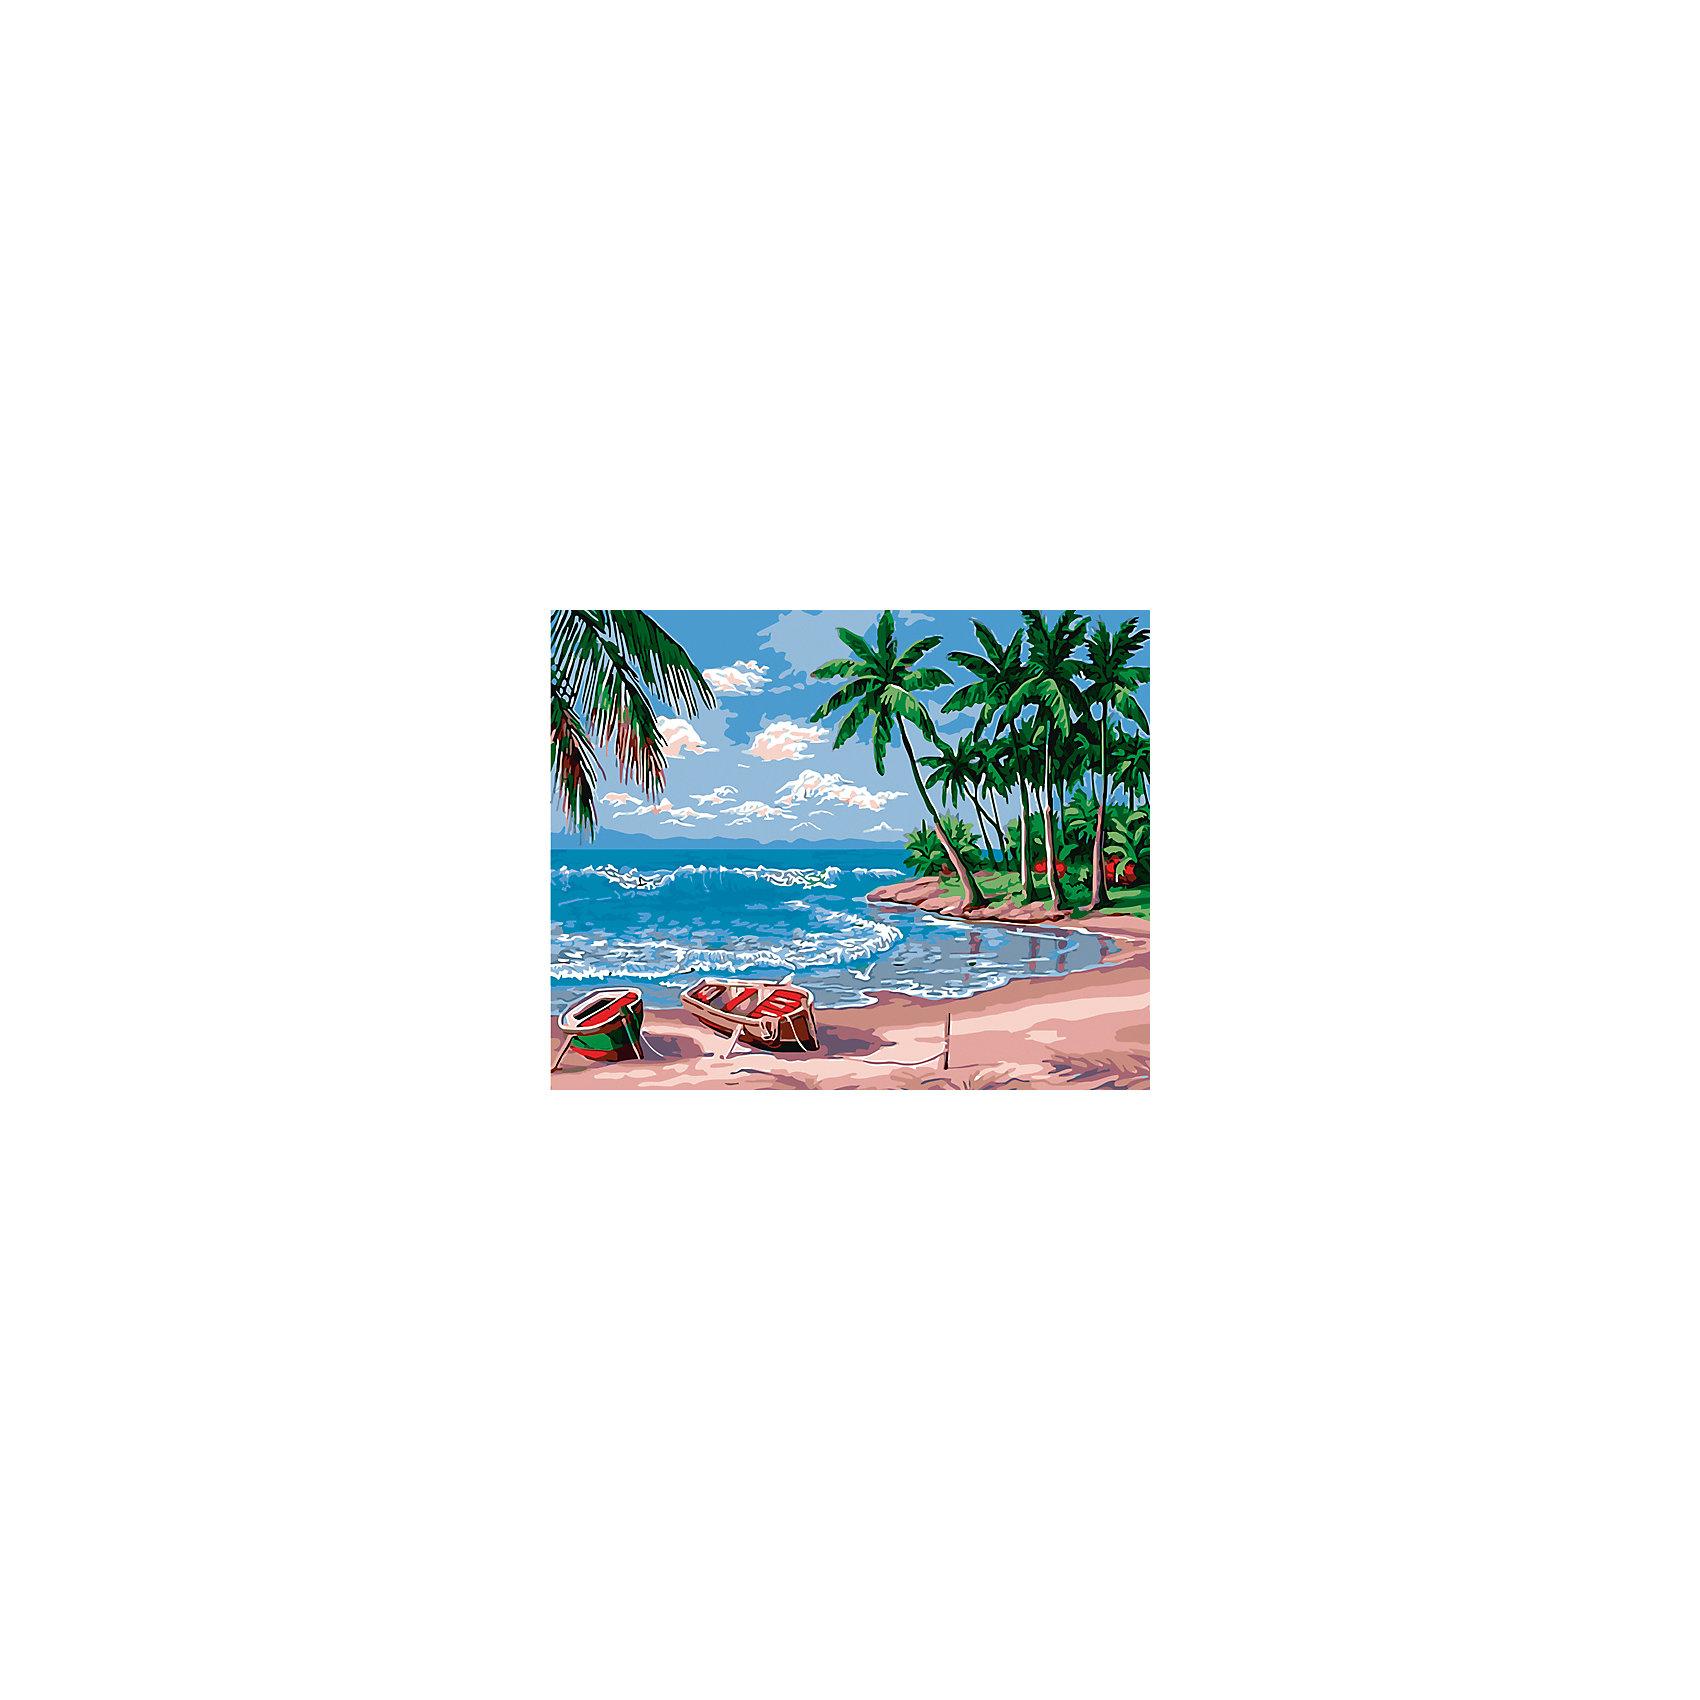 Холст с красками по номерам Райский остров 40х50 смРисование<br>замечательные наборы для создания уникального шедевра изобразительного искусства. Создание картин на специально подготовленной рабочей поверхности – это уникальная техника, позволяющая делать Ваши шедевры более яркими и реалистичными. Просто нанесите мазки на уже готовый эскиз и оживите картину! Готовые изделия могут стать украшением интерьера или прекрасным подарком близким и друзьям.<br><br>Ширина мм: 510<br>Глубина мм: 410<br>Высота мм: 25<br>Вес г: 900<br>Возраст от месяцев: 36<br>Возраст до месяцев: 108<br>Пол: Унисекс<br>Возраст: Детский<br>SKU: 5096782